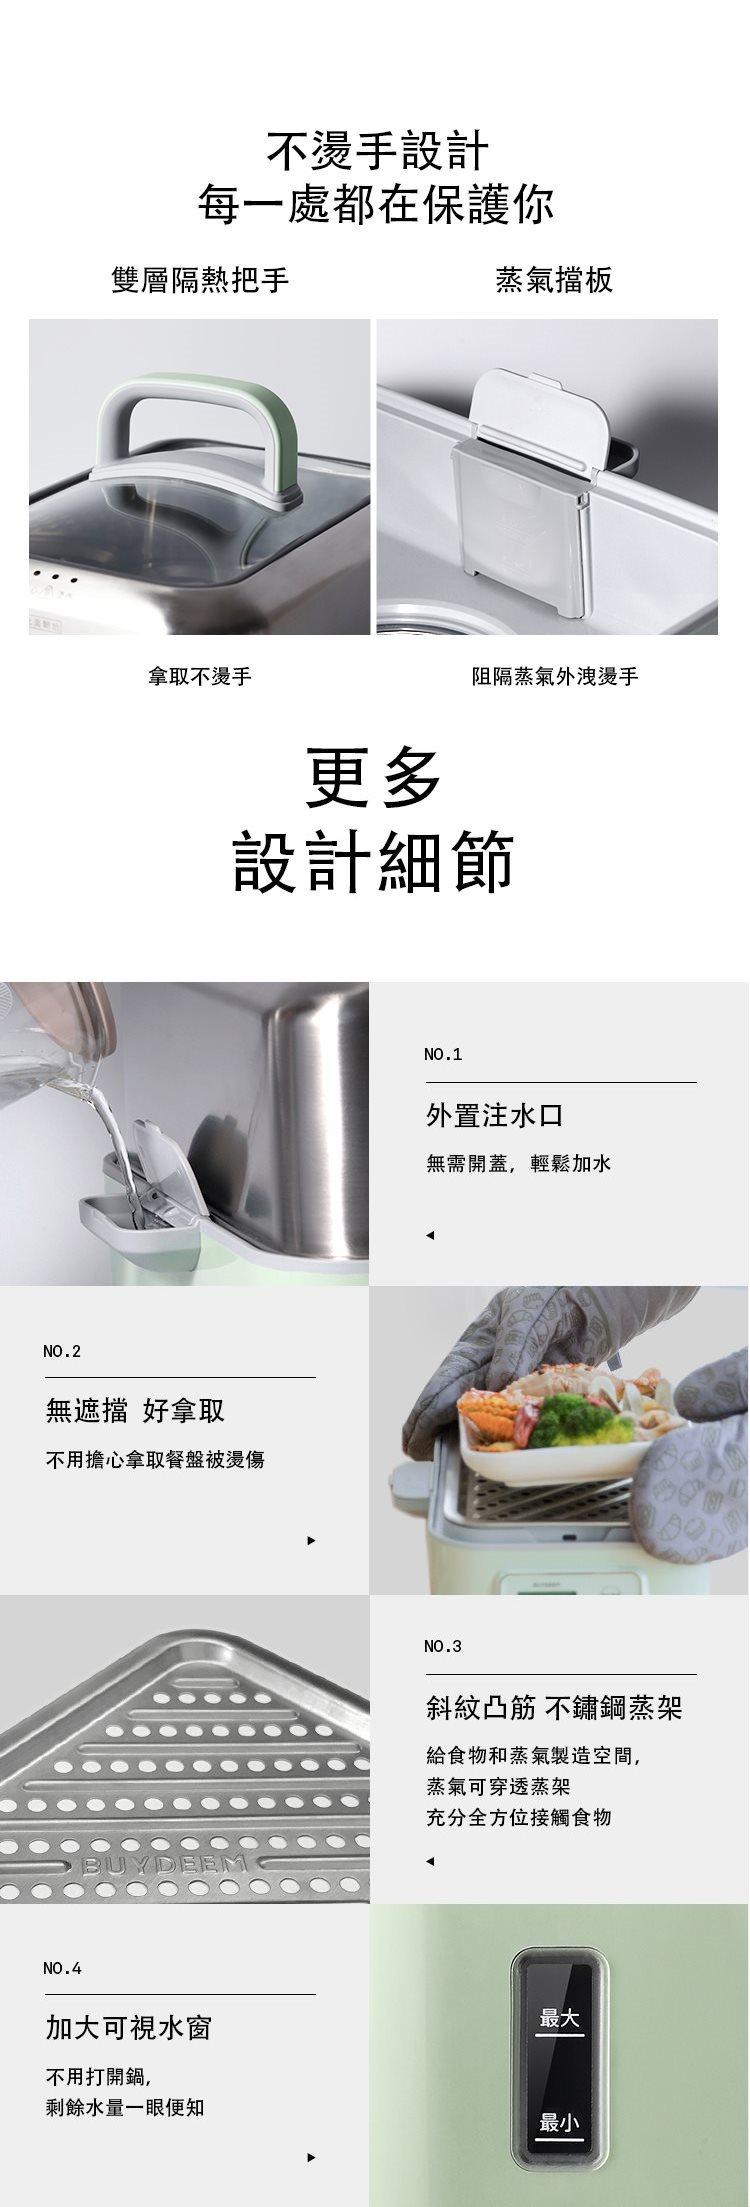 BUYDEEM北鼎多功能蒸燉鍋-10-貼心設計